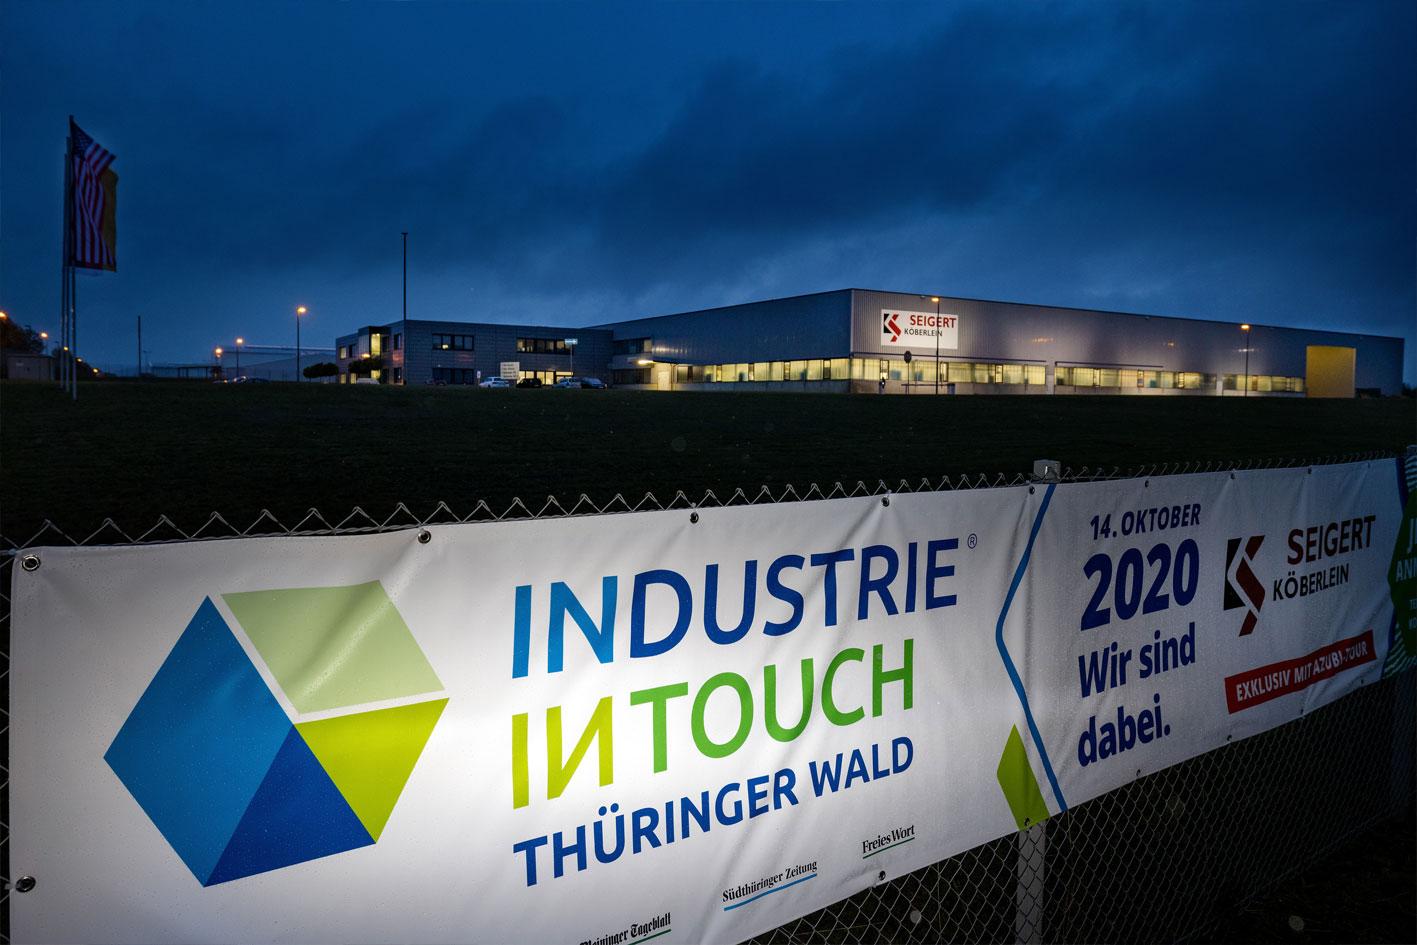 Ein Banner der Messe Industrie Intouch vor der Produktionshalle von Köberlein & Seigert